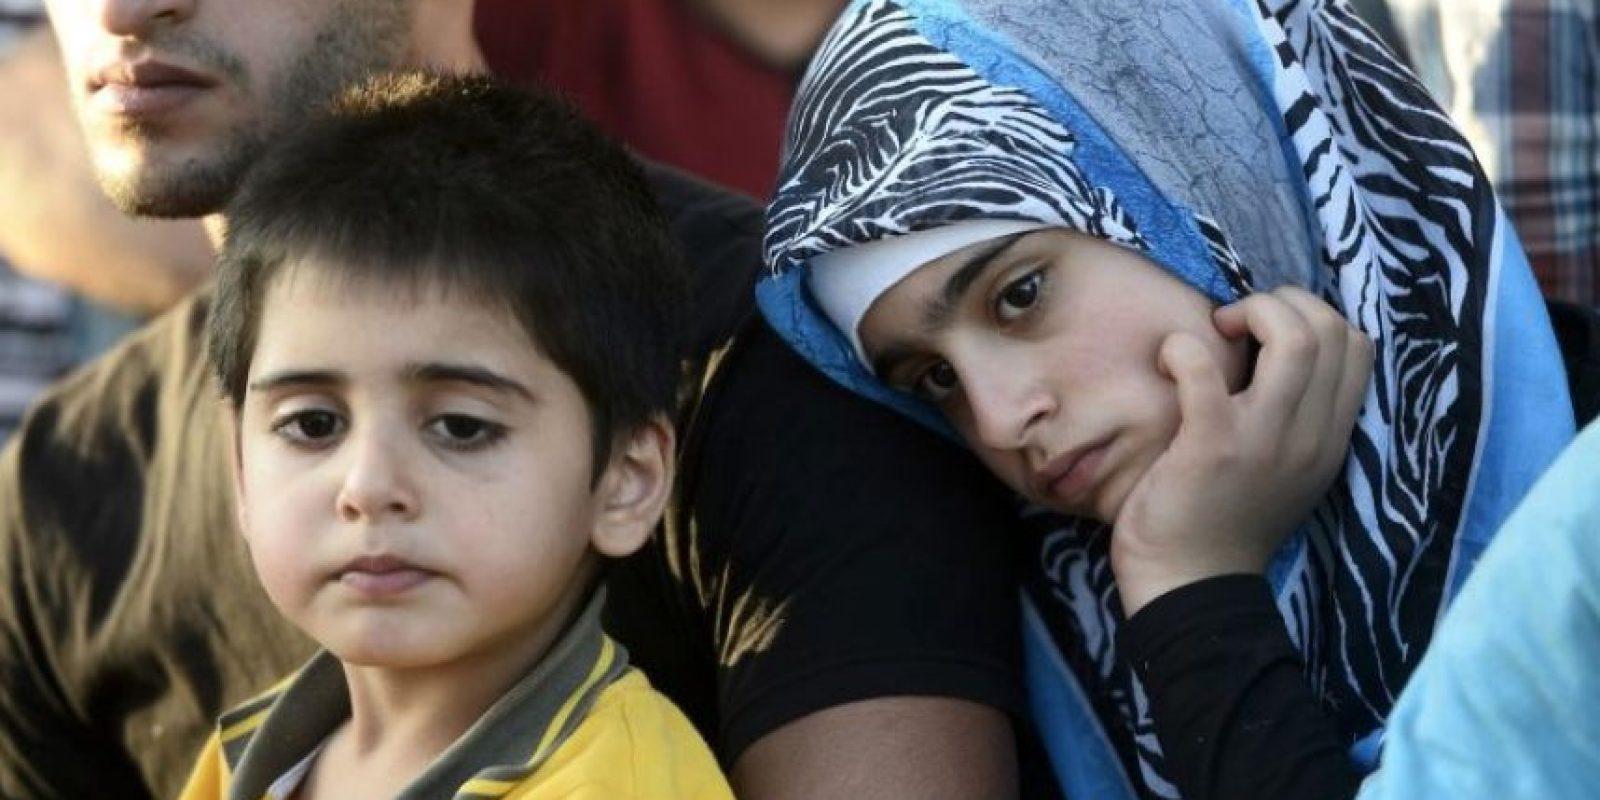 """Según el periódico británico """"Daily Mail"""", un fragmento de metralla fue retirado de la frente de la bebé. Tras la cesárea, los doctores del Consejo Médico de Aleppo, en Siria, despejaron las vías respiratorias de la niña y procedieron a quitarle el fragmento. Foto:Getty Images"""